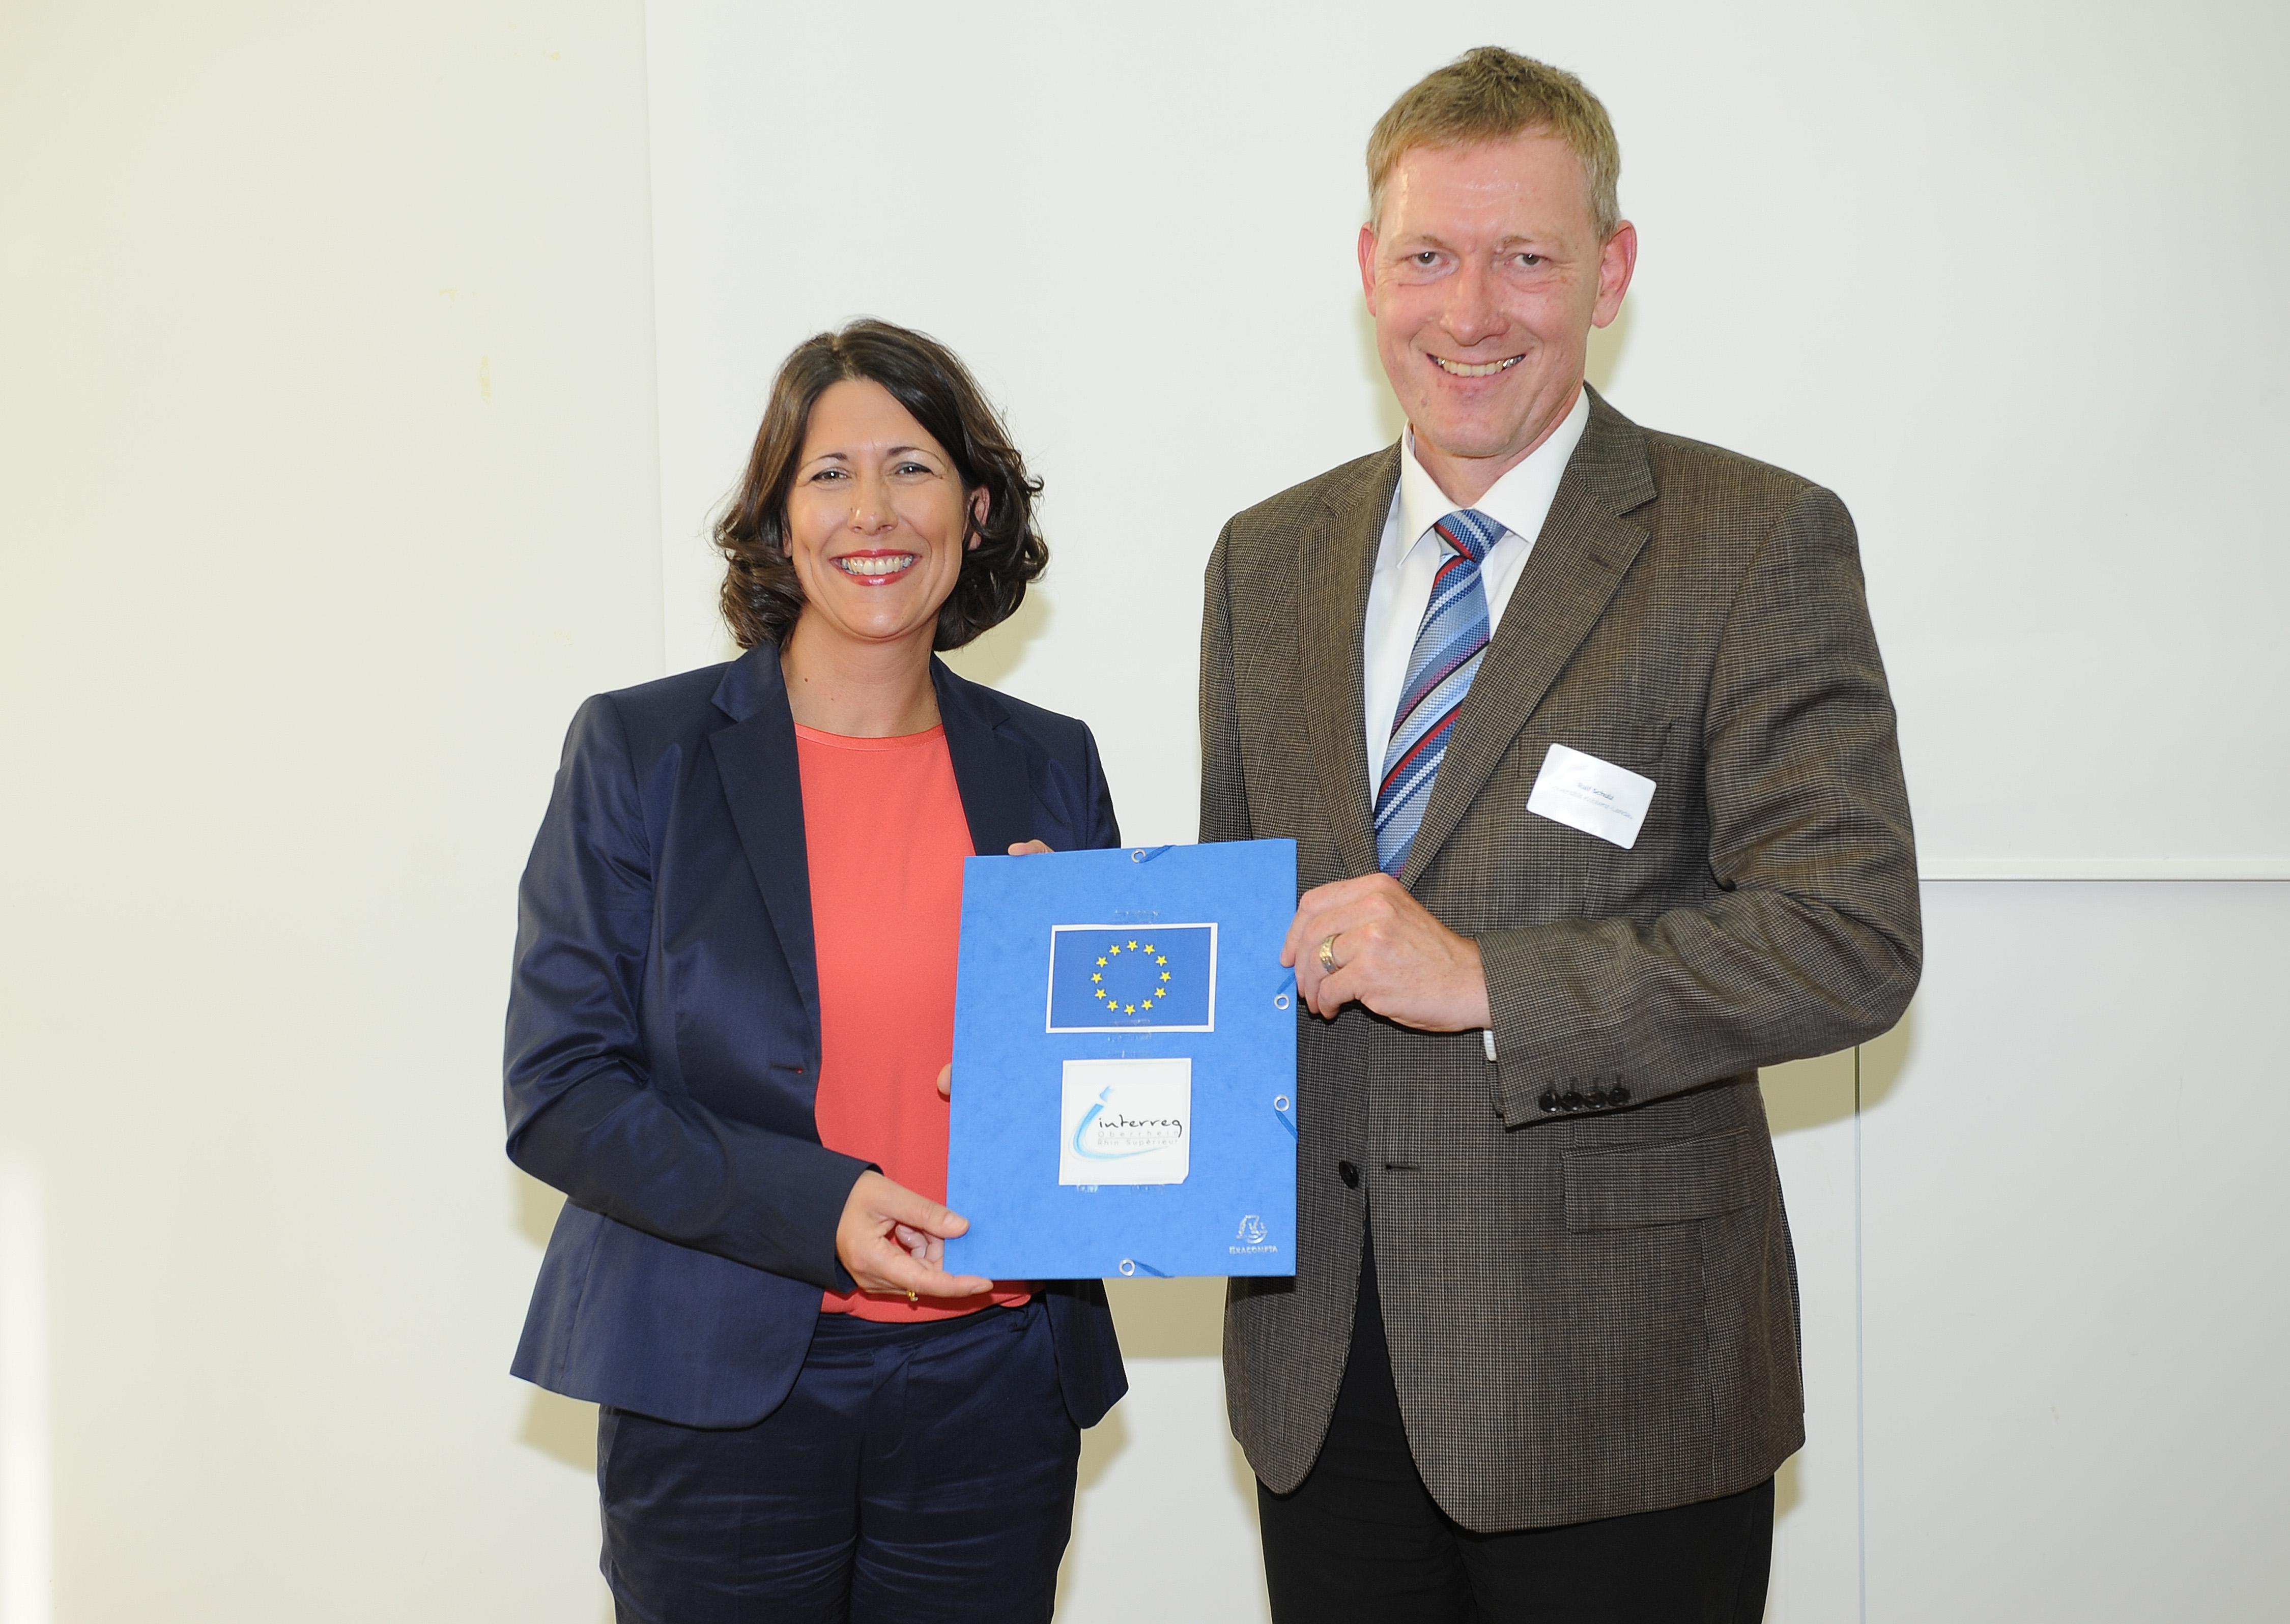 Wirtschaftssekretärin Daniela Schmitt und Projektleiter Prof. Dr. Ralf Schulz. Foto: Karin Hiller